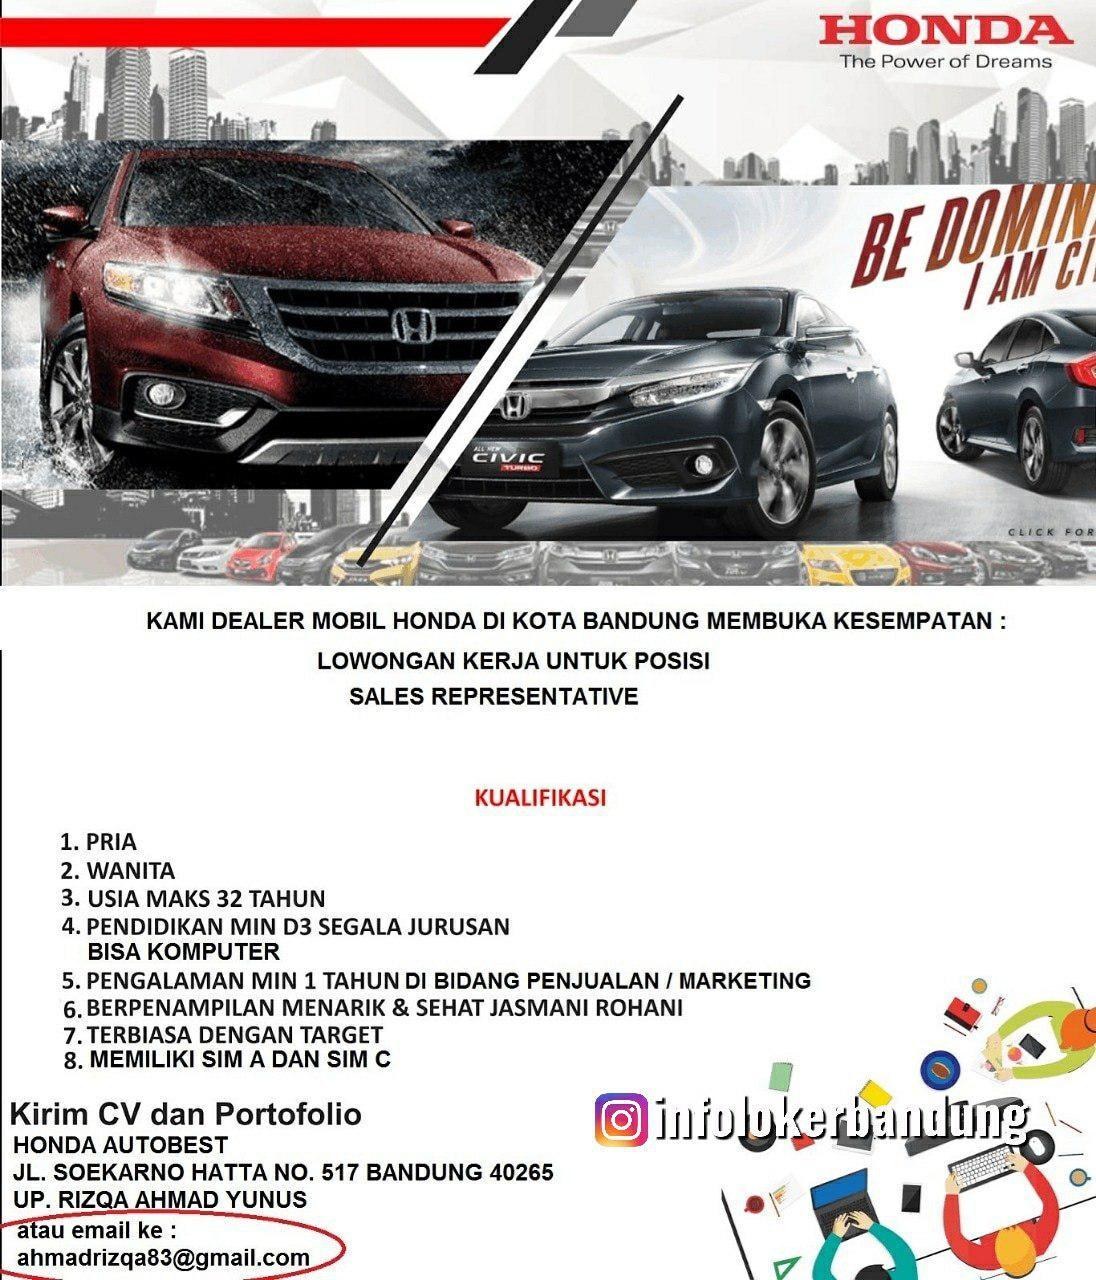 Lowongan Kerja Honda Autobest Bandung Agustus 2019